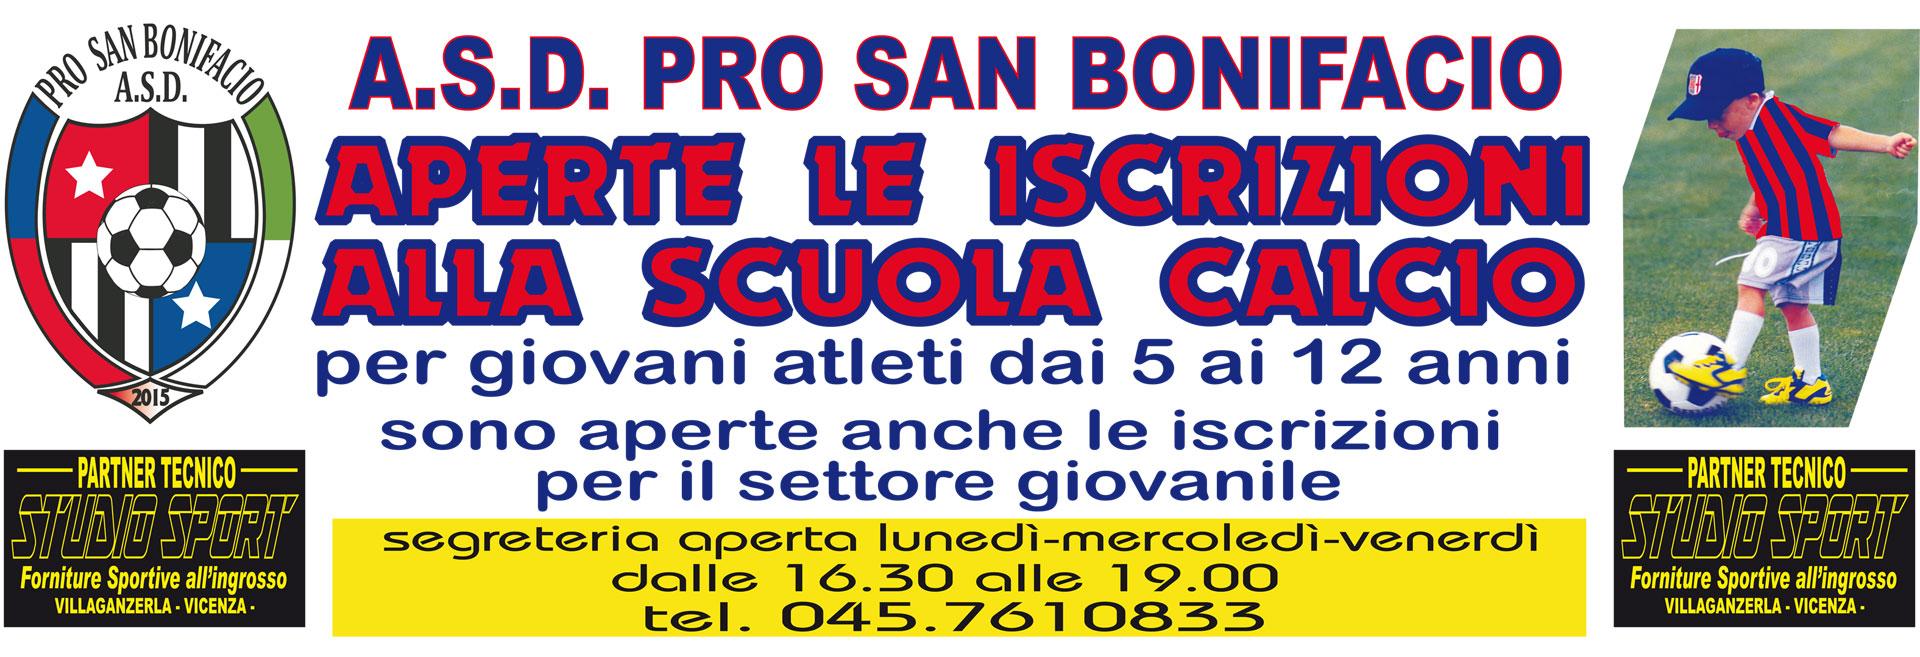 Alla A.s.d. Pro San Bonifacio Prosambo sono aperte le iscrizioni alla scuola calcio giovani atleti dai 5 ai 12 anni e del settore giovanile